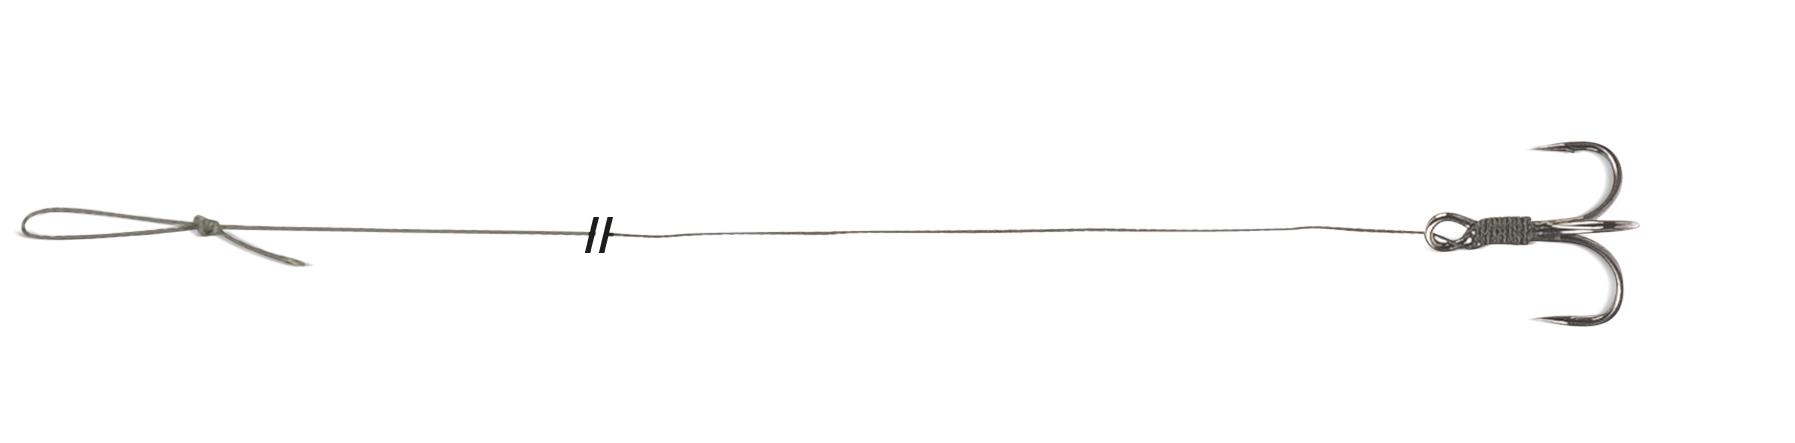 Uni Cat návazec Treble Hook Rig Velikost 2/0